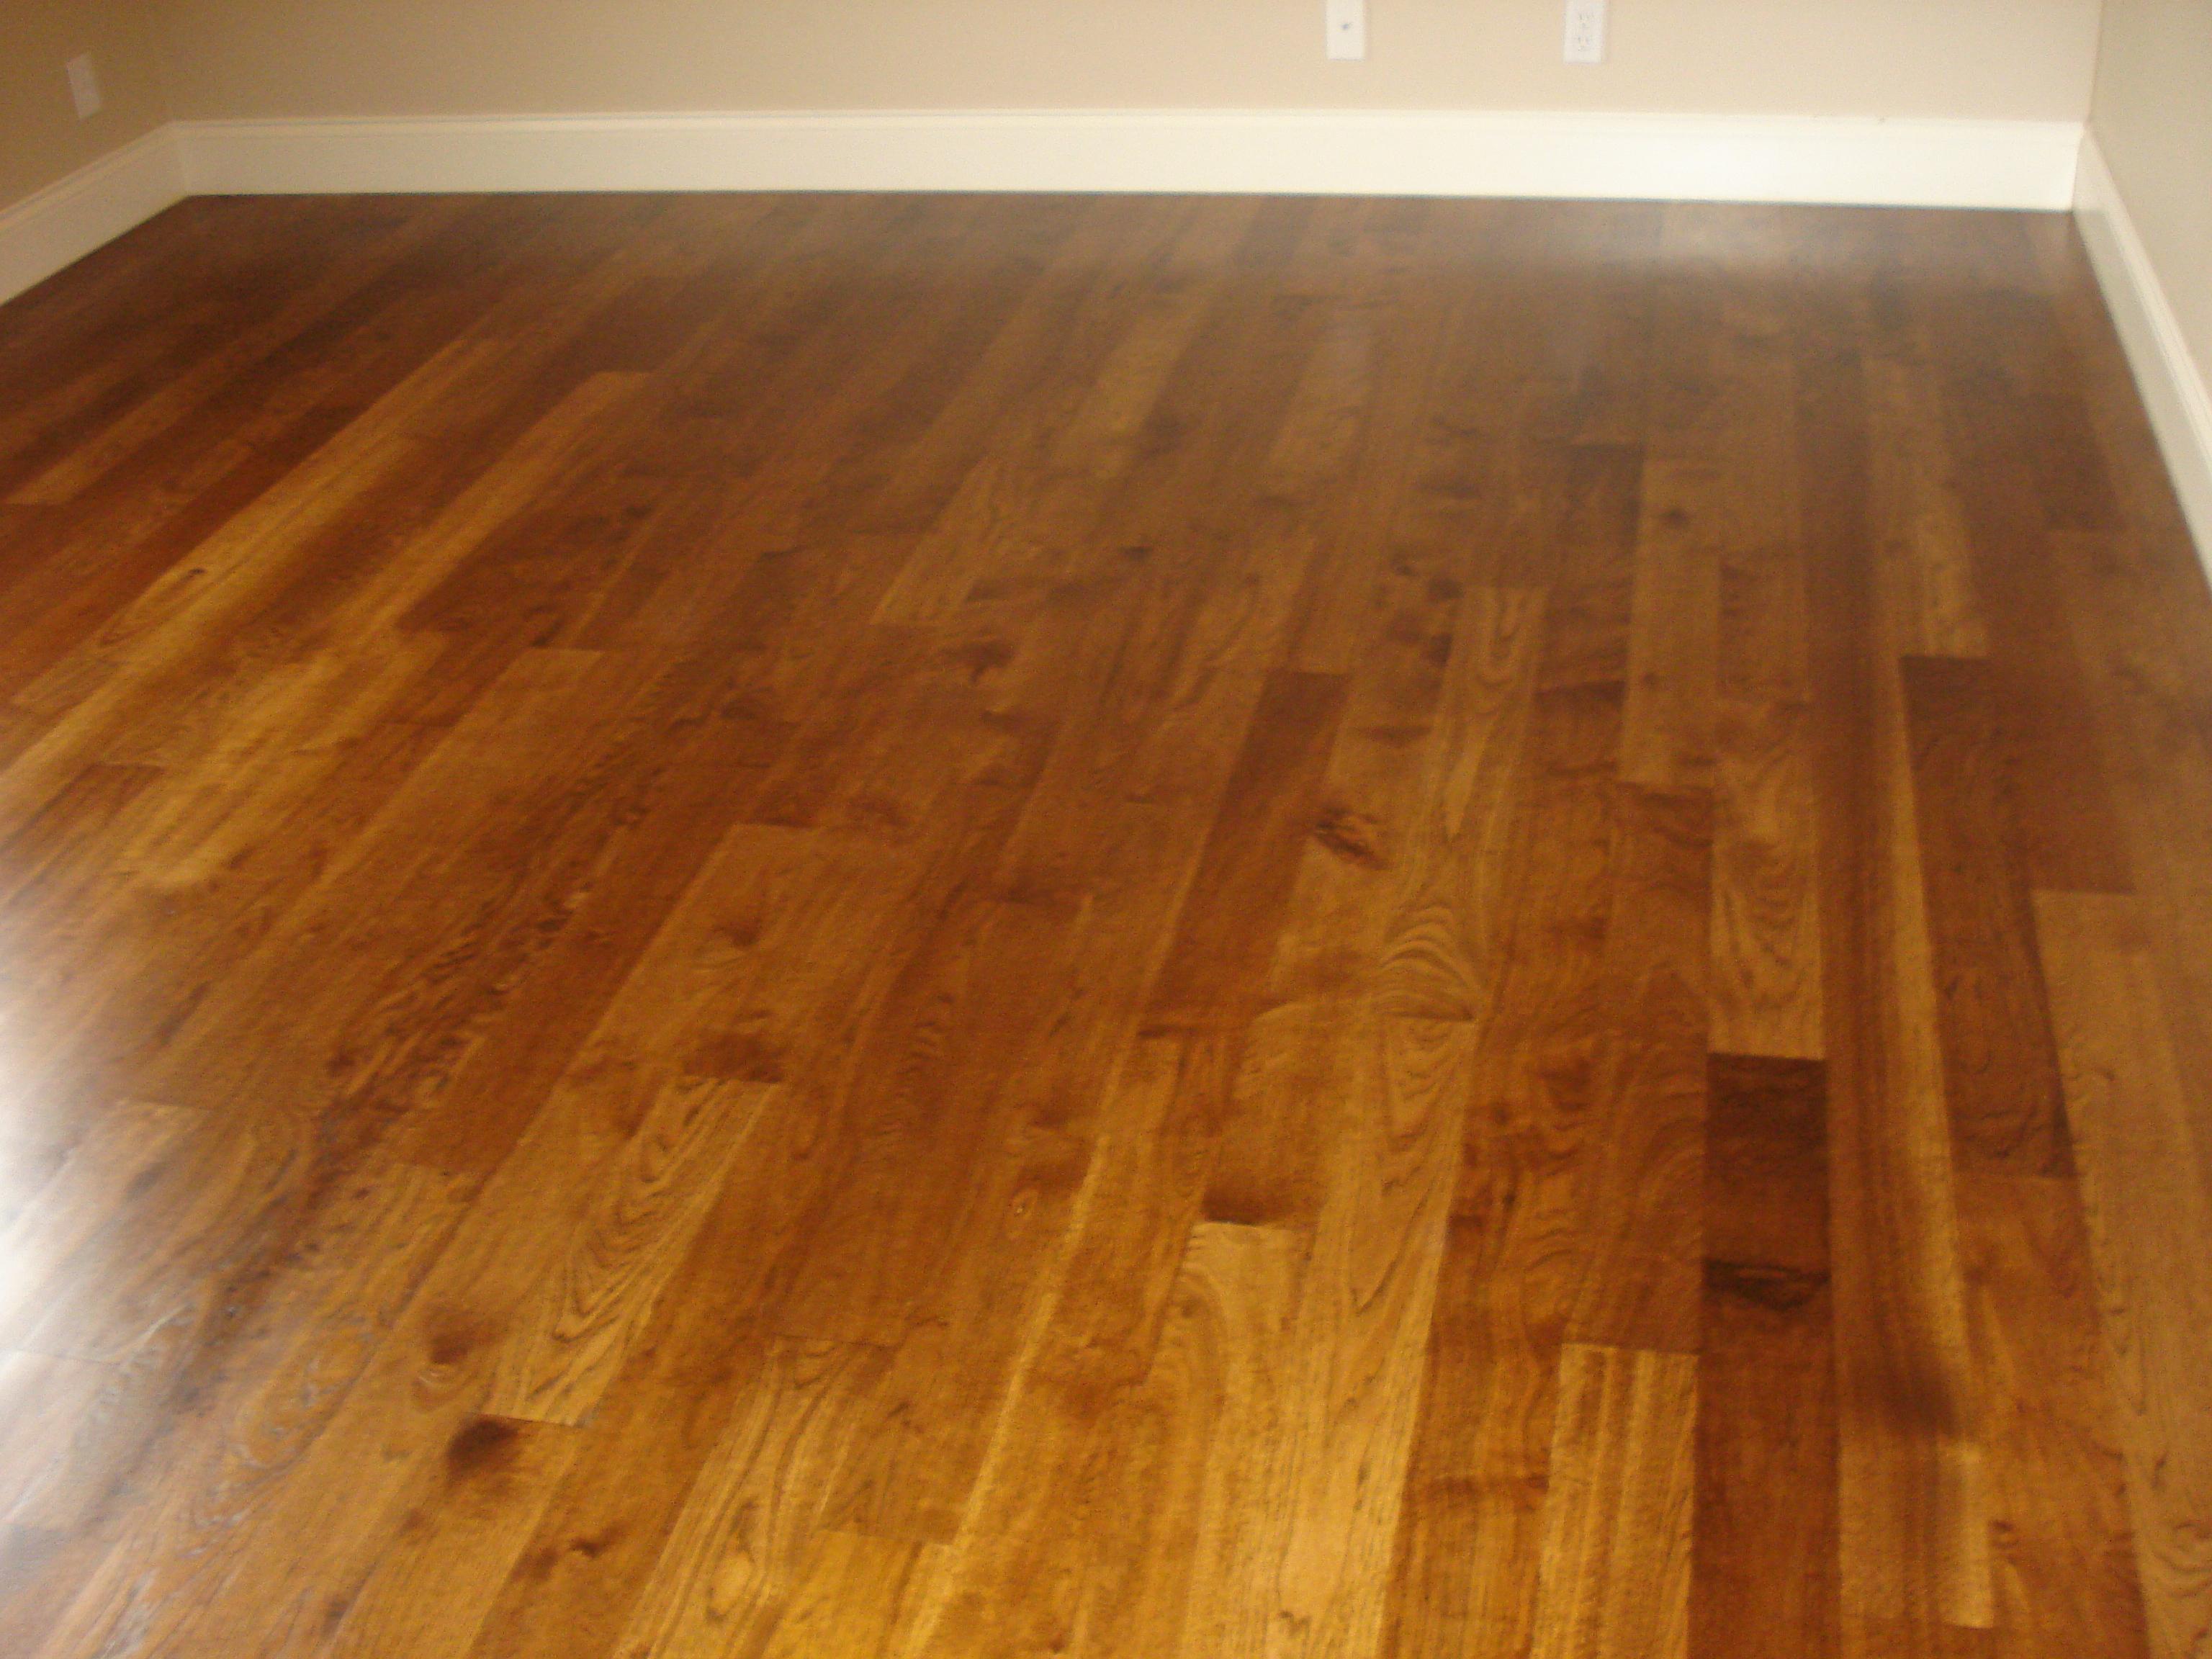 5 Ways to Fix your Squeaky Hardwood Floor